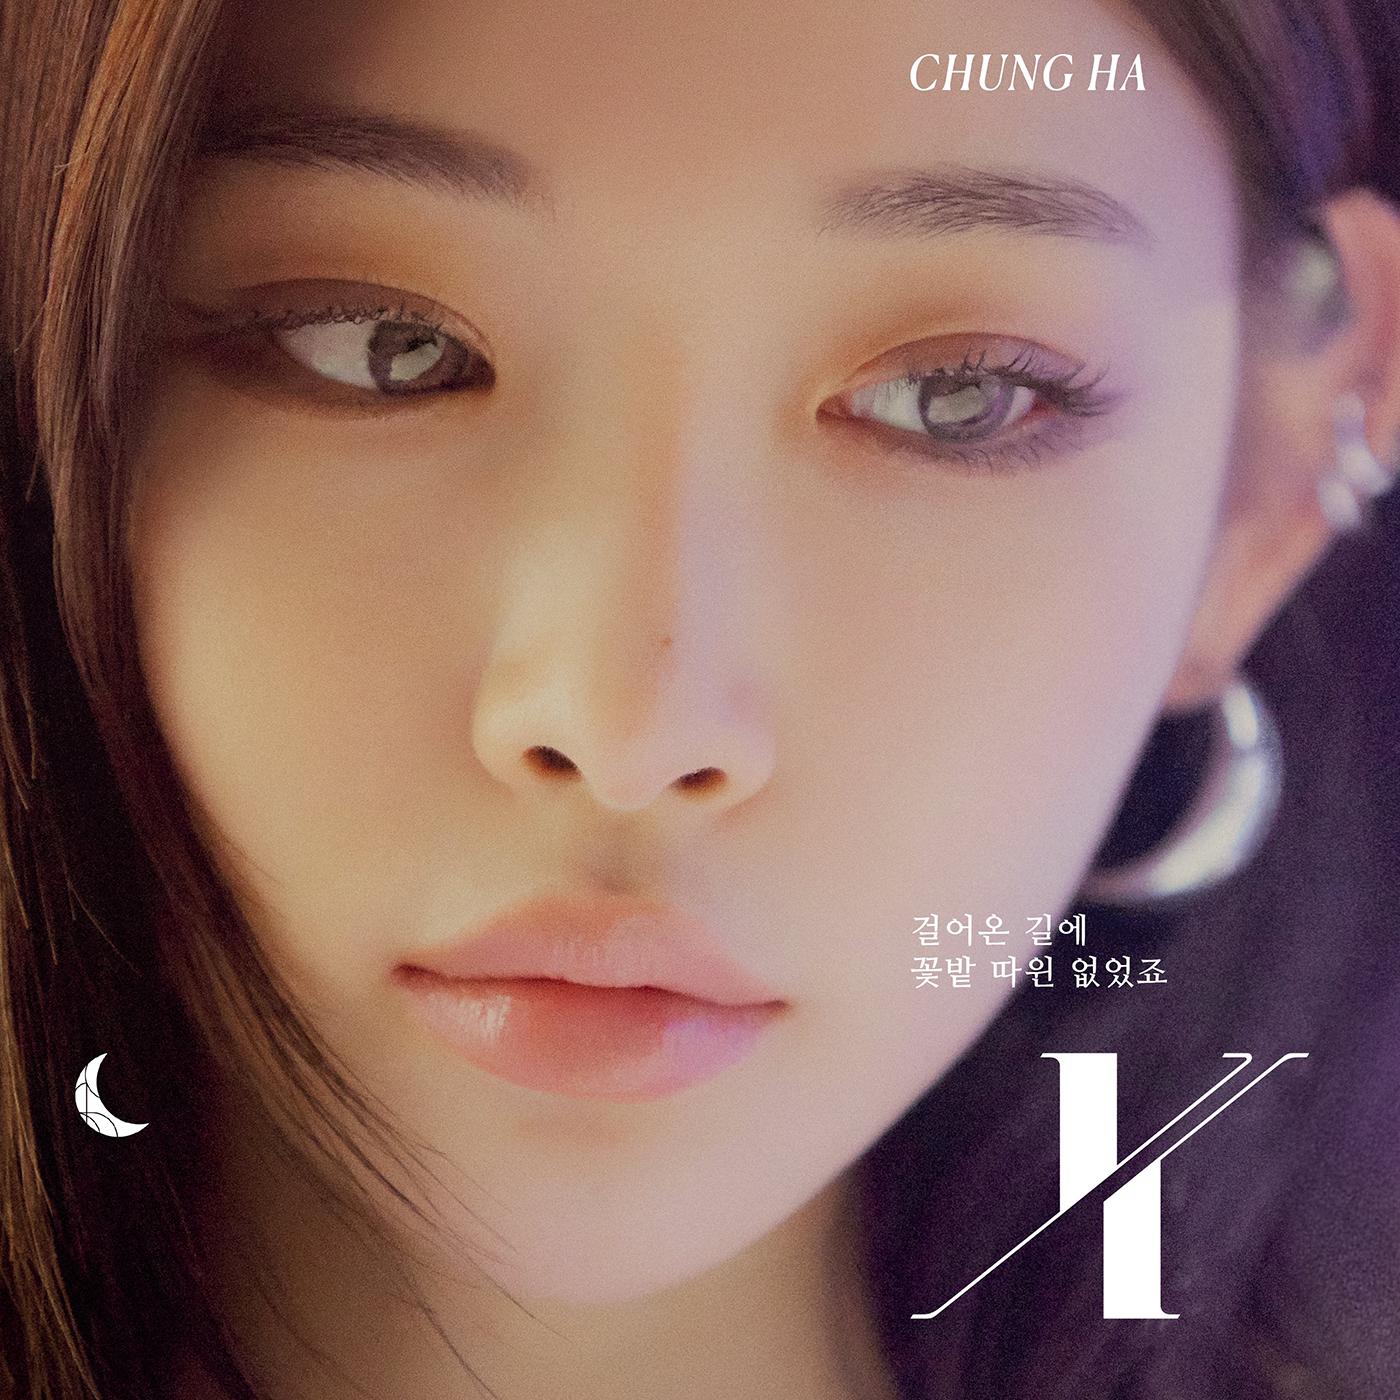 Chung Ha X cover art.png